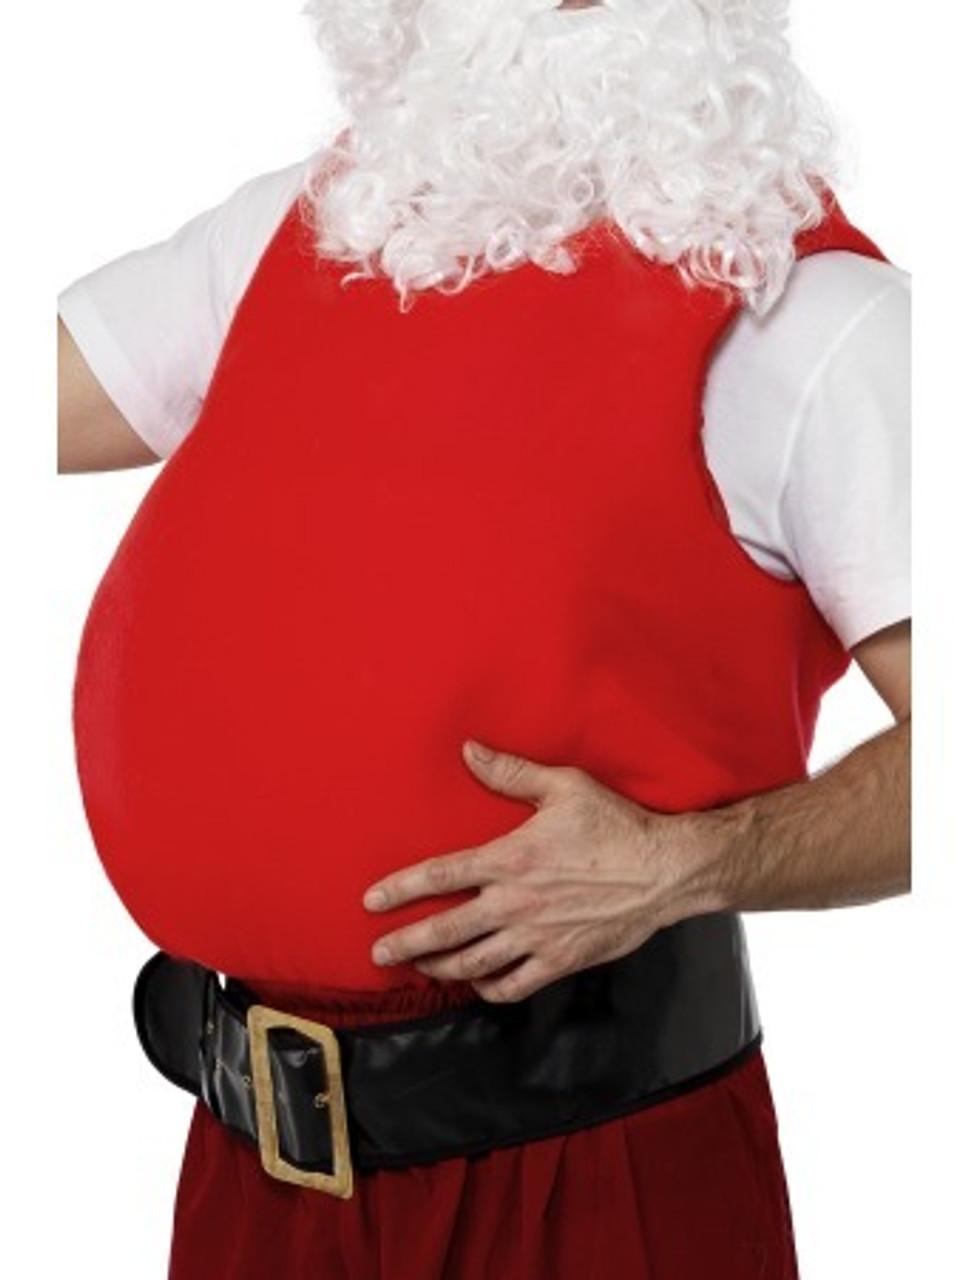 Funny Santa Pranks and Christmas Gags